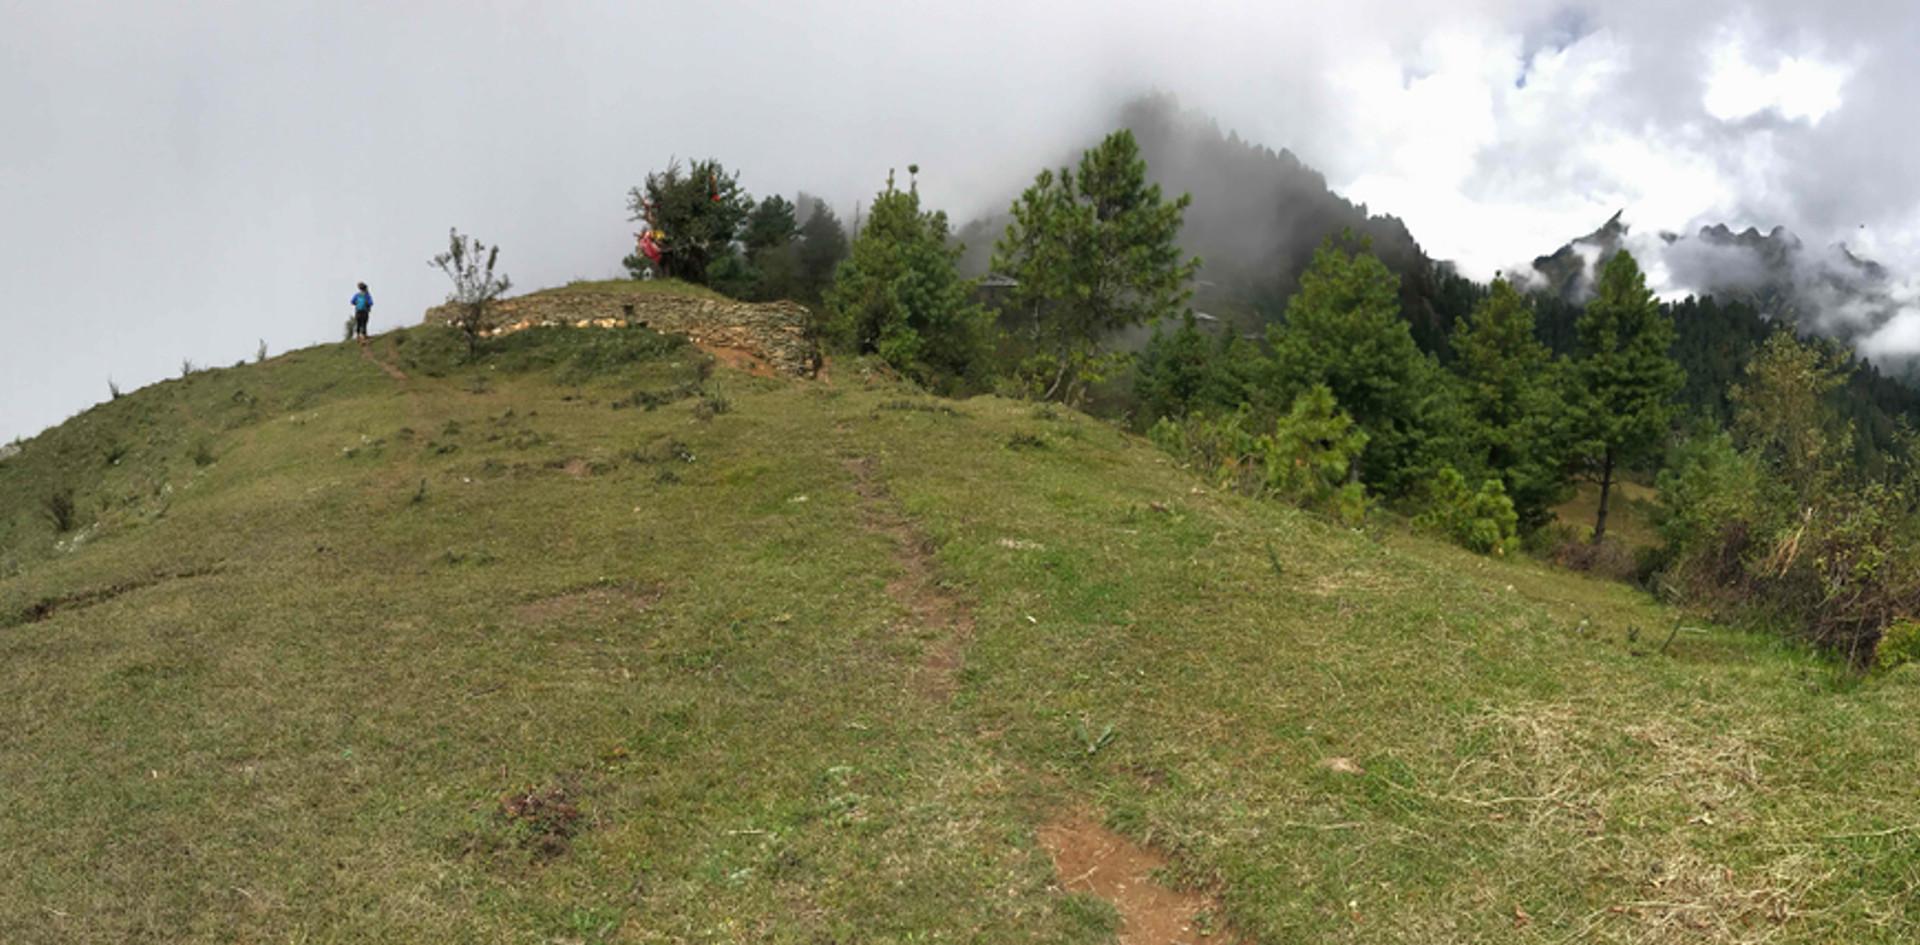 PANORAMA-HIMALAYAS-CLOUDS-SCENERY-MOUNTA